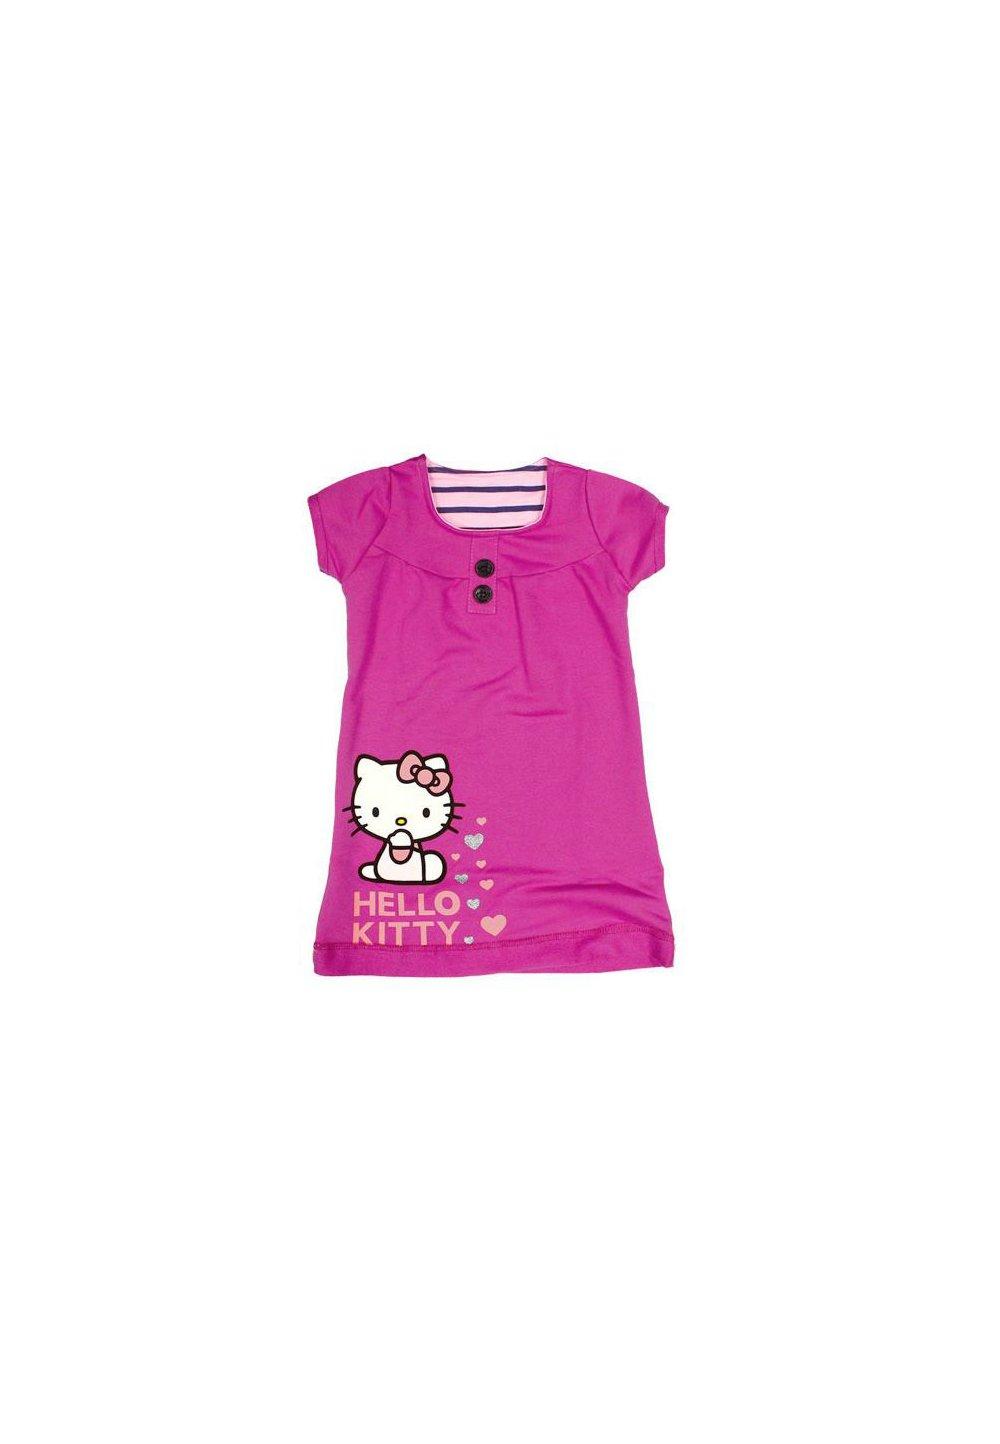 Rochie Hello Kitty, roz imagine